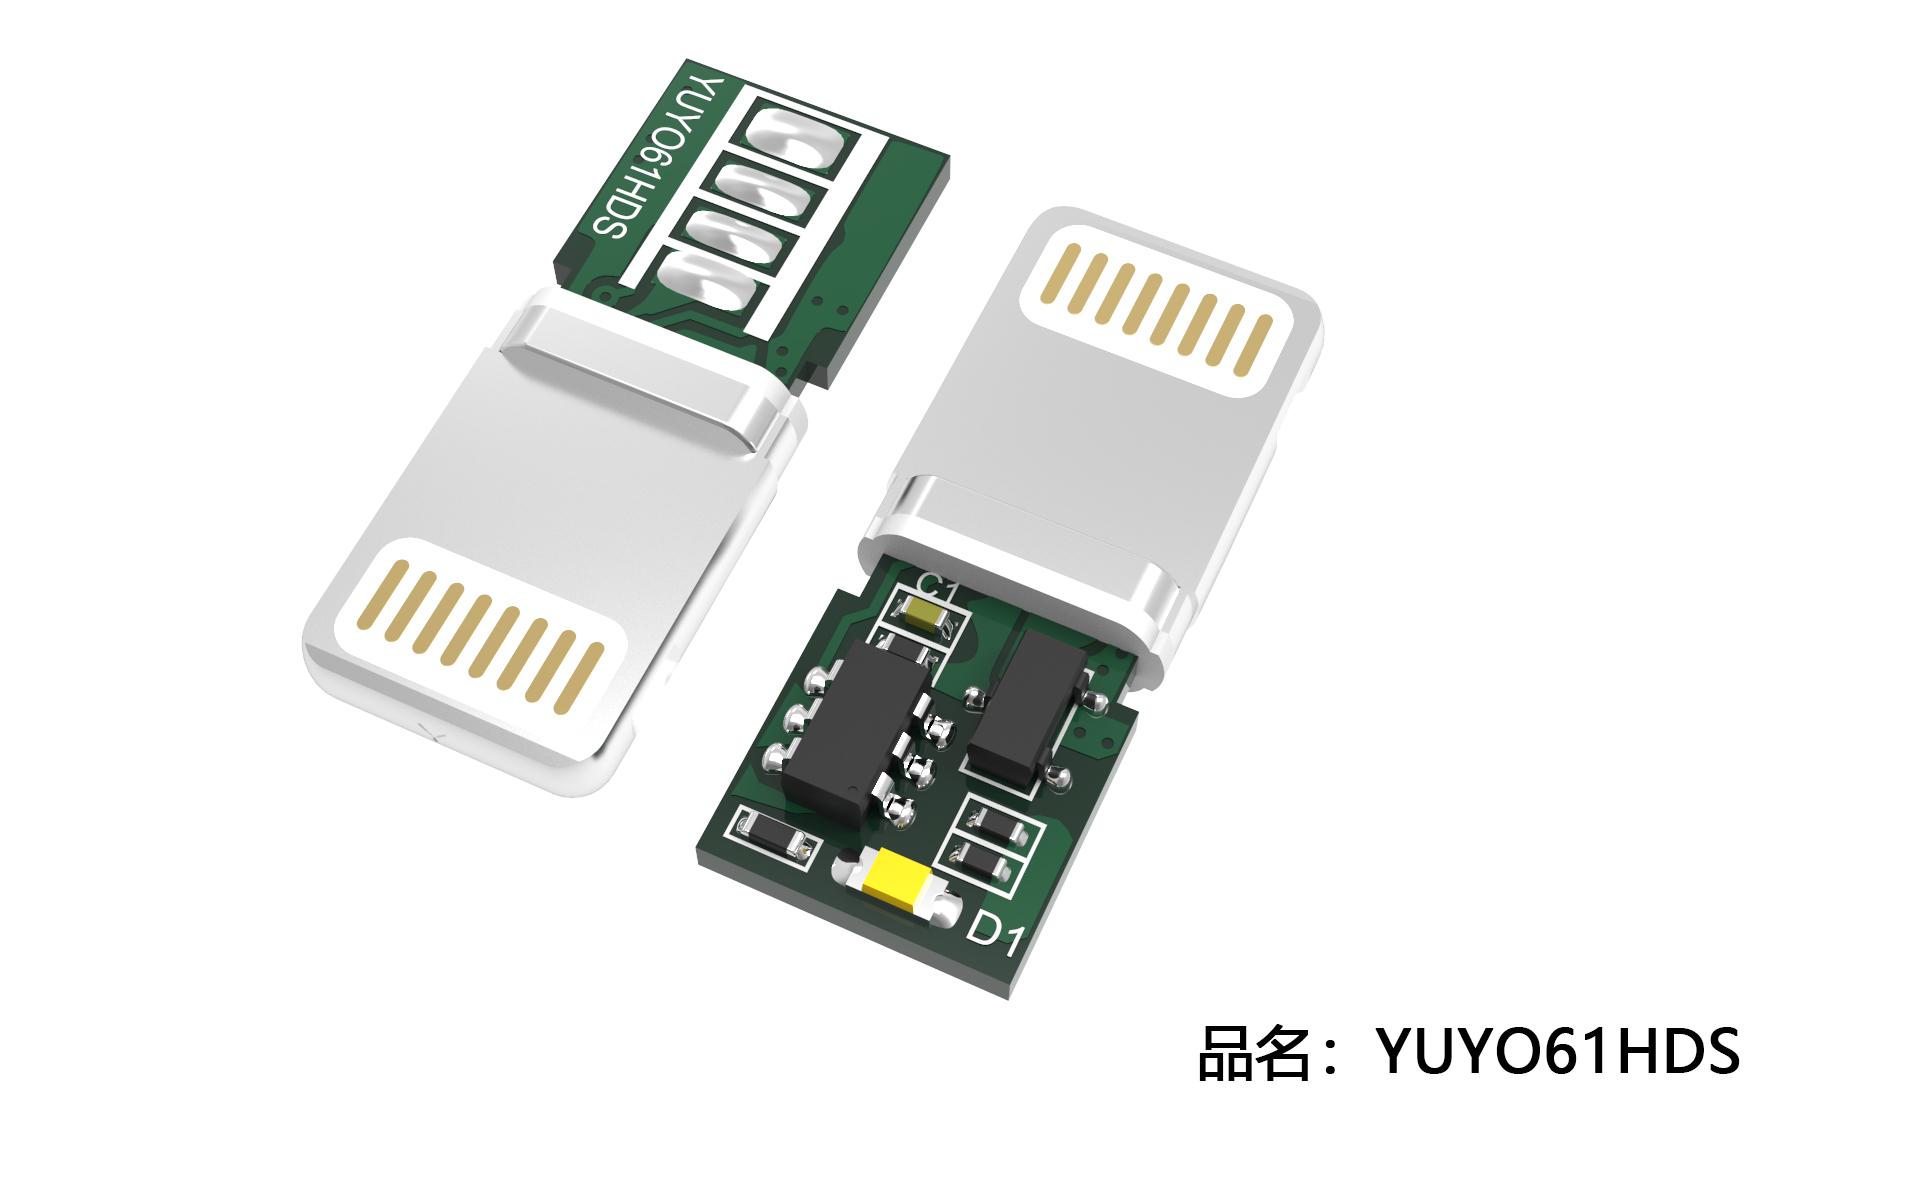 YUYO61HDS